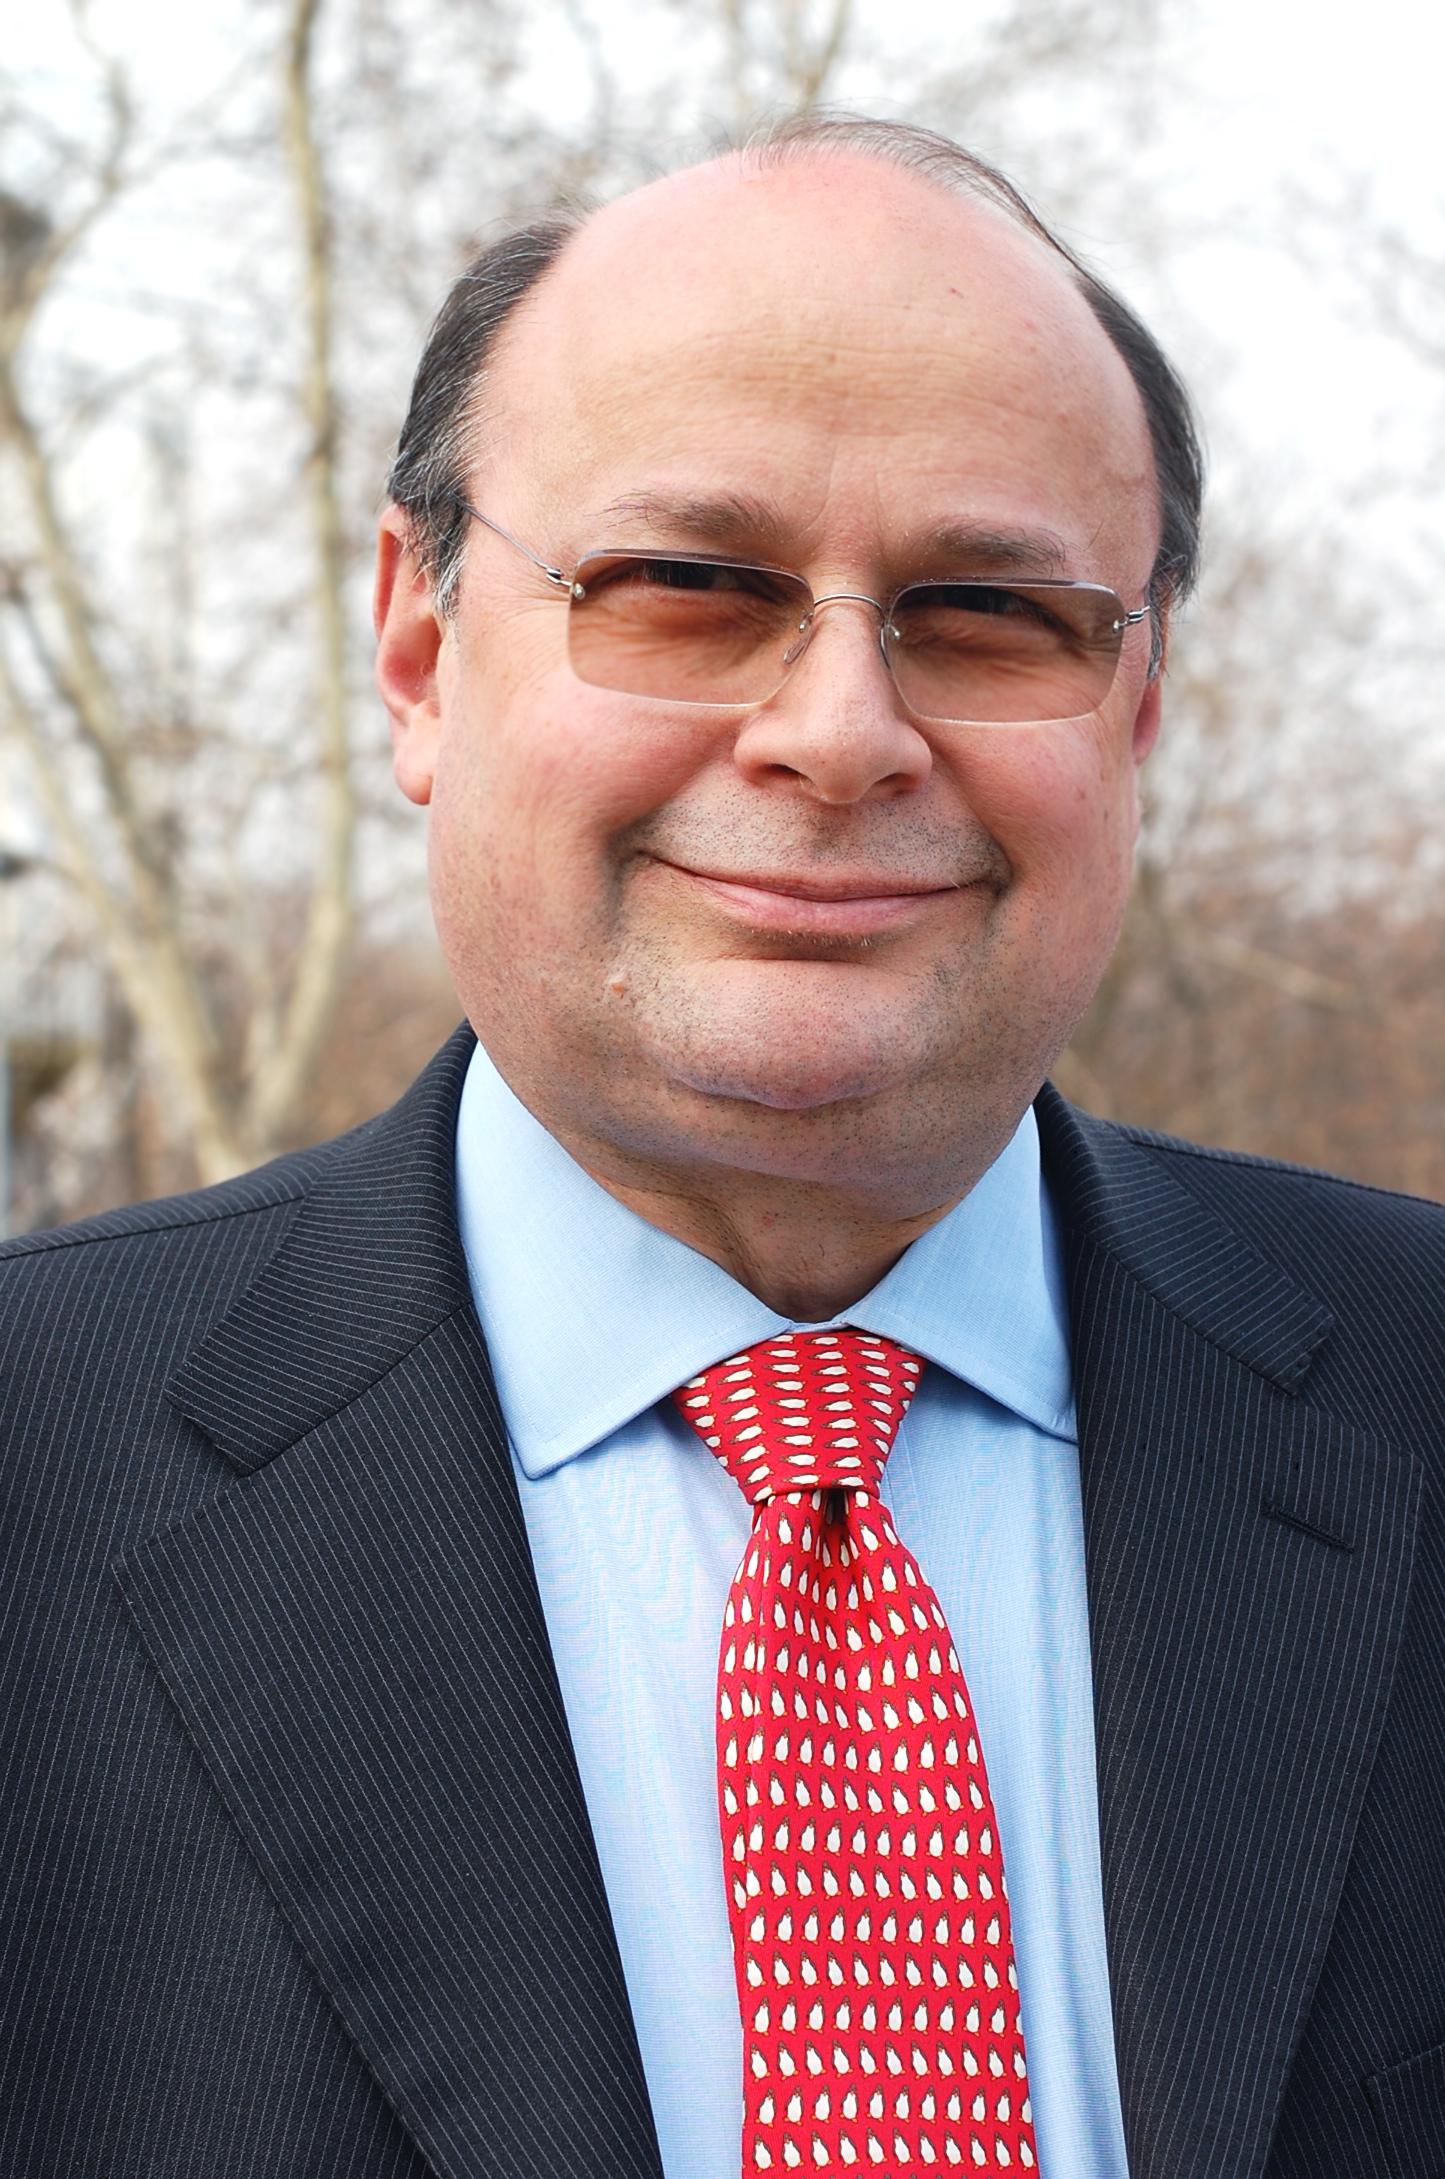 Franco Quillico, Managing Partner Andromeda Consulting,Docente di Strategia e Finanza al MIP Politecnico di Milano